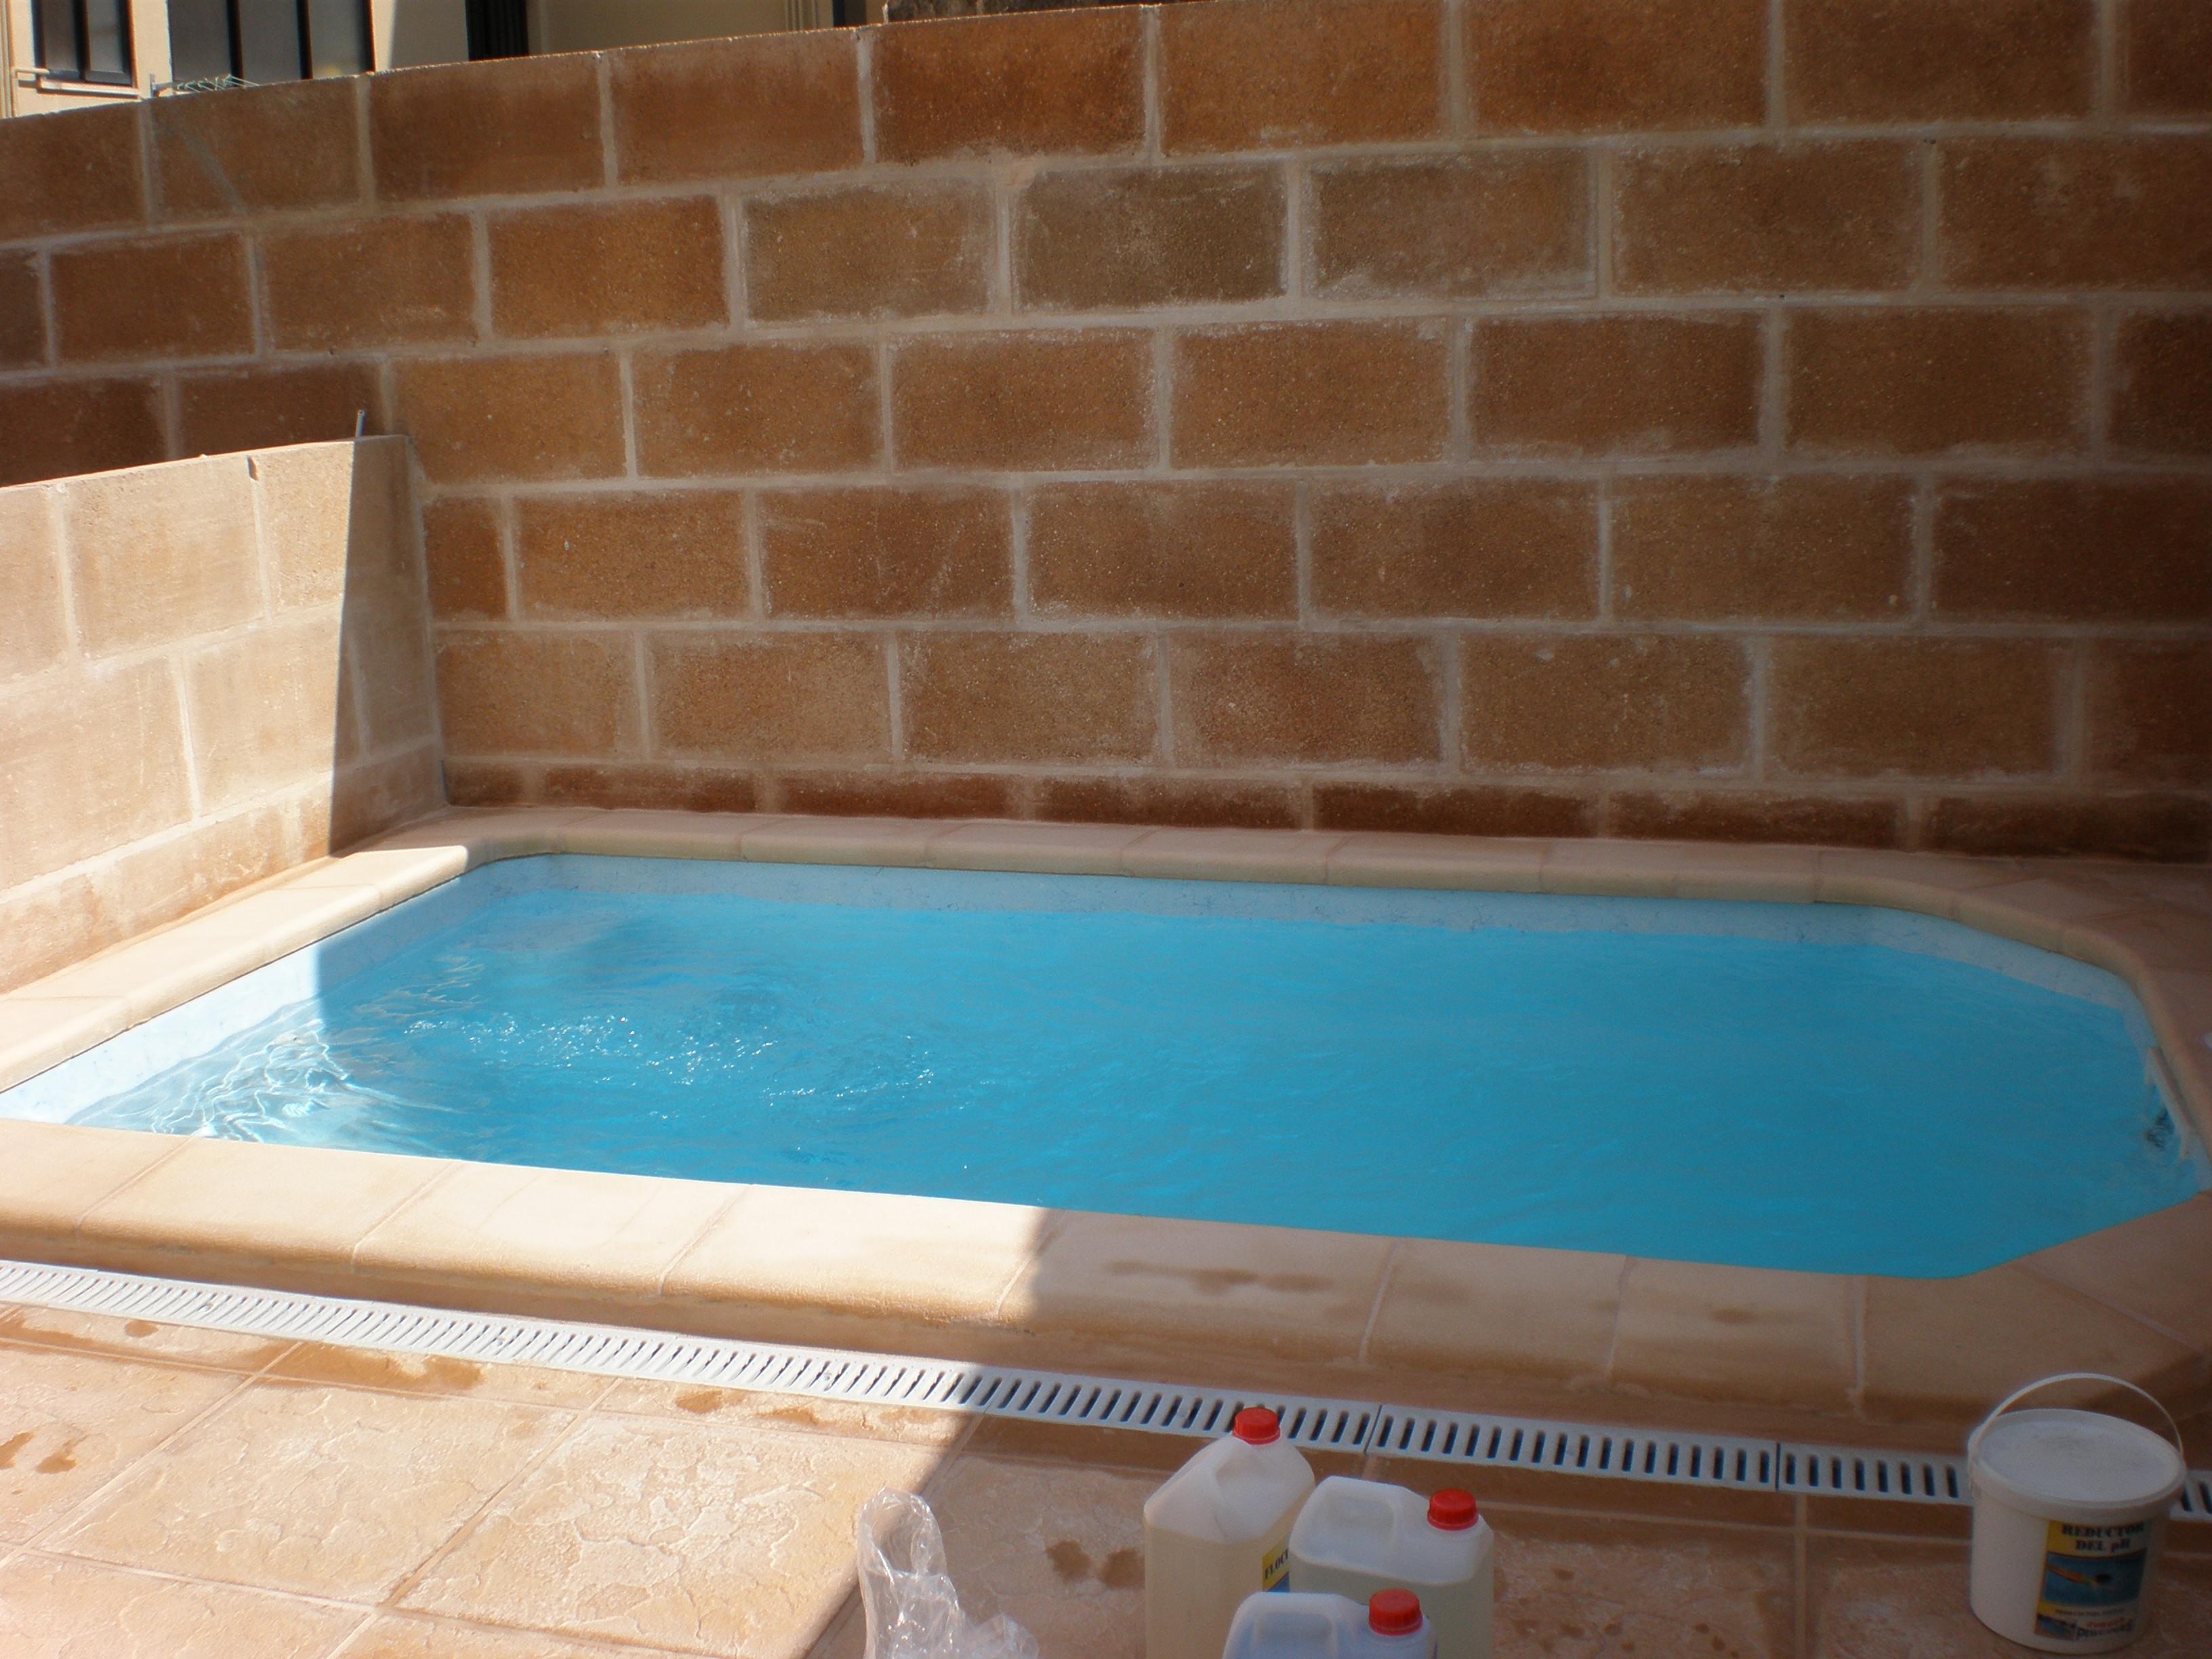 Micro pool piscinas mallorca europa piscinas palma for Mini piscinas prefabricadas